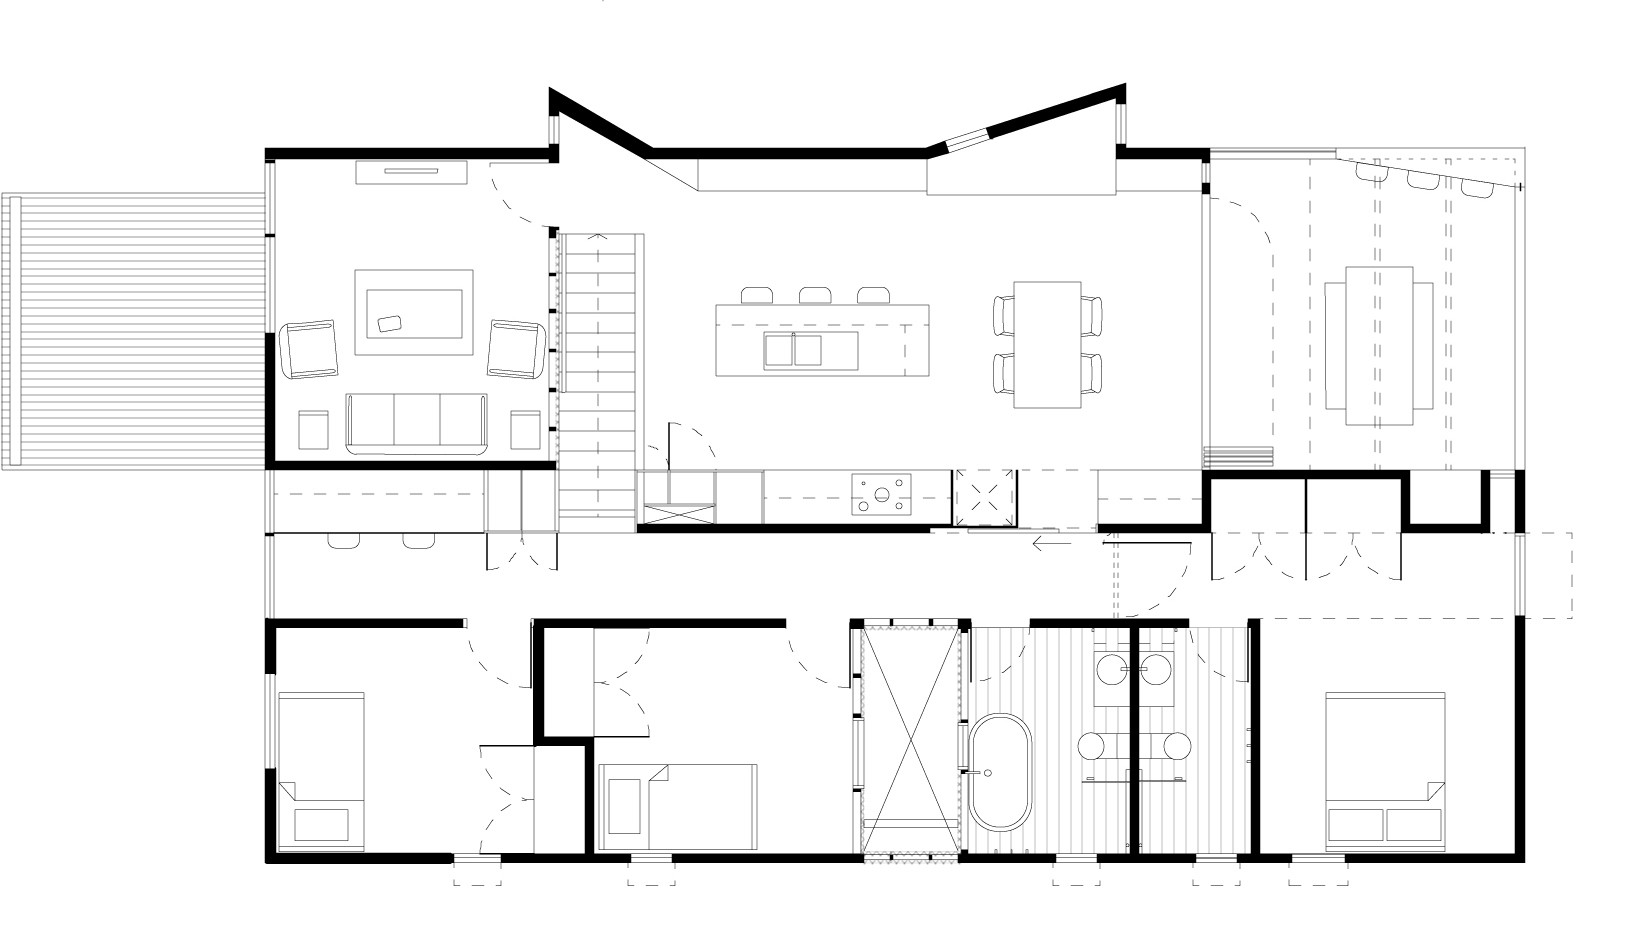 Wonderful Suburban House Floor Plan Ideas Ideas House